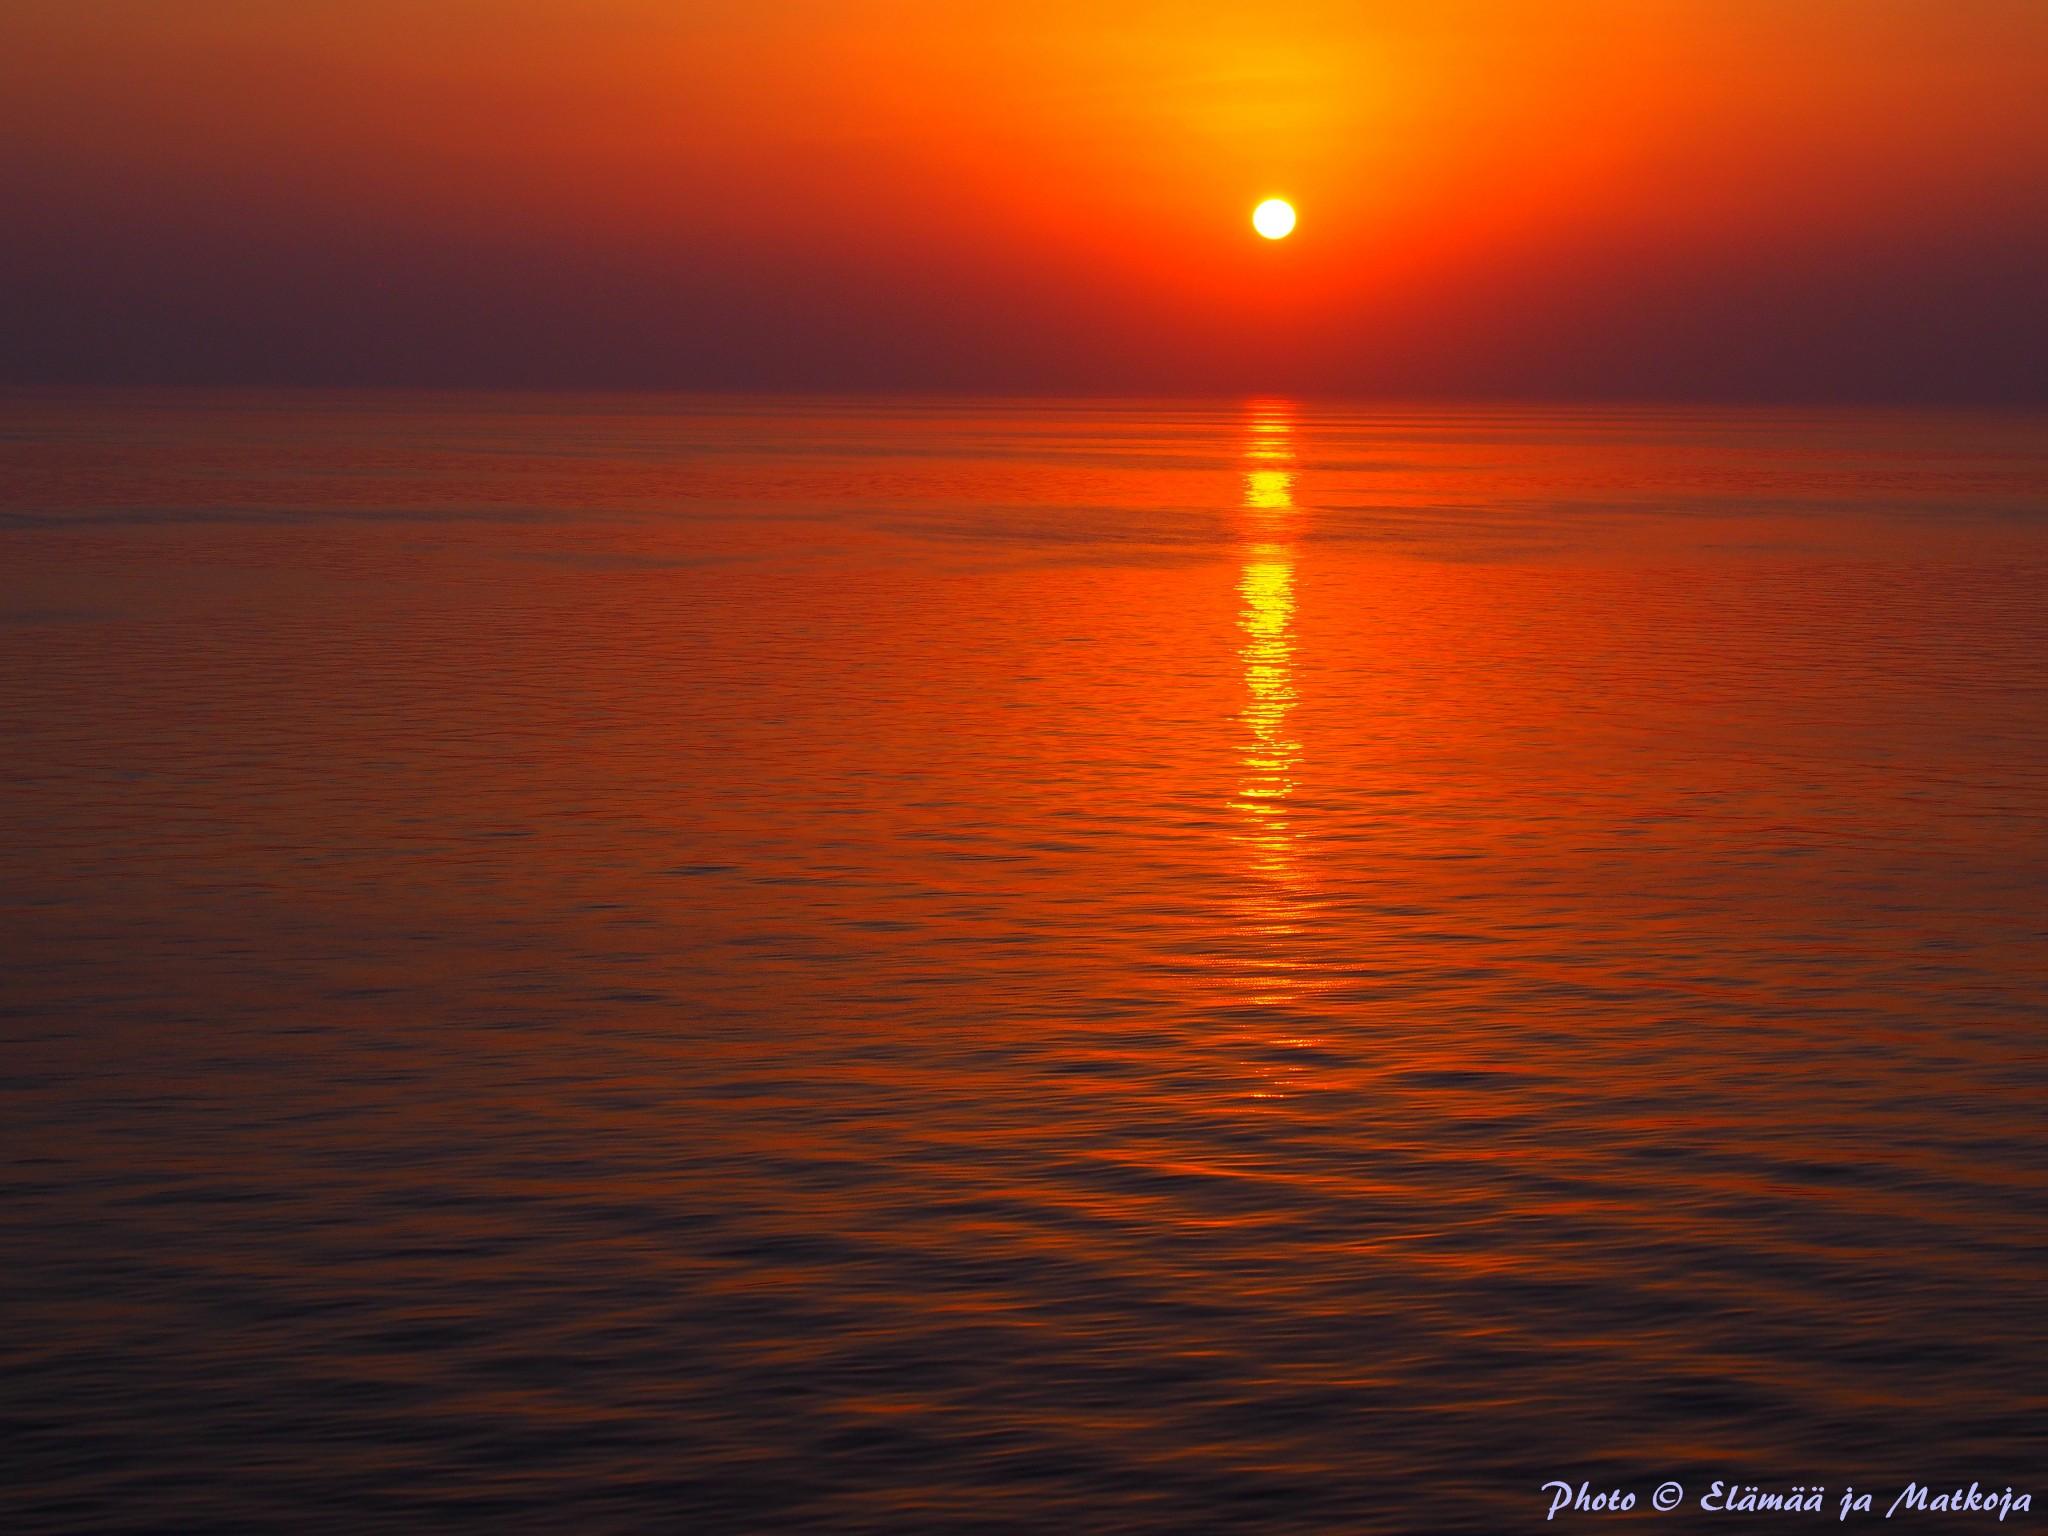 Nämä auringonlaskut eivät Photoshoppausta kaipaa! Photo © Elämää ja Matkoja